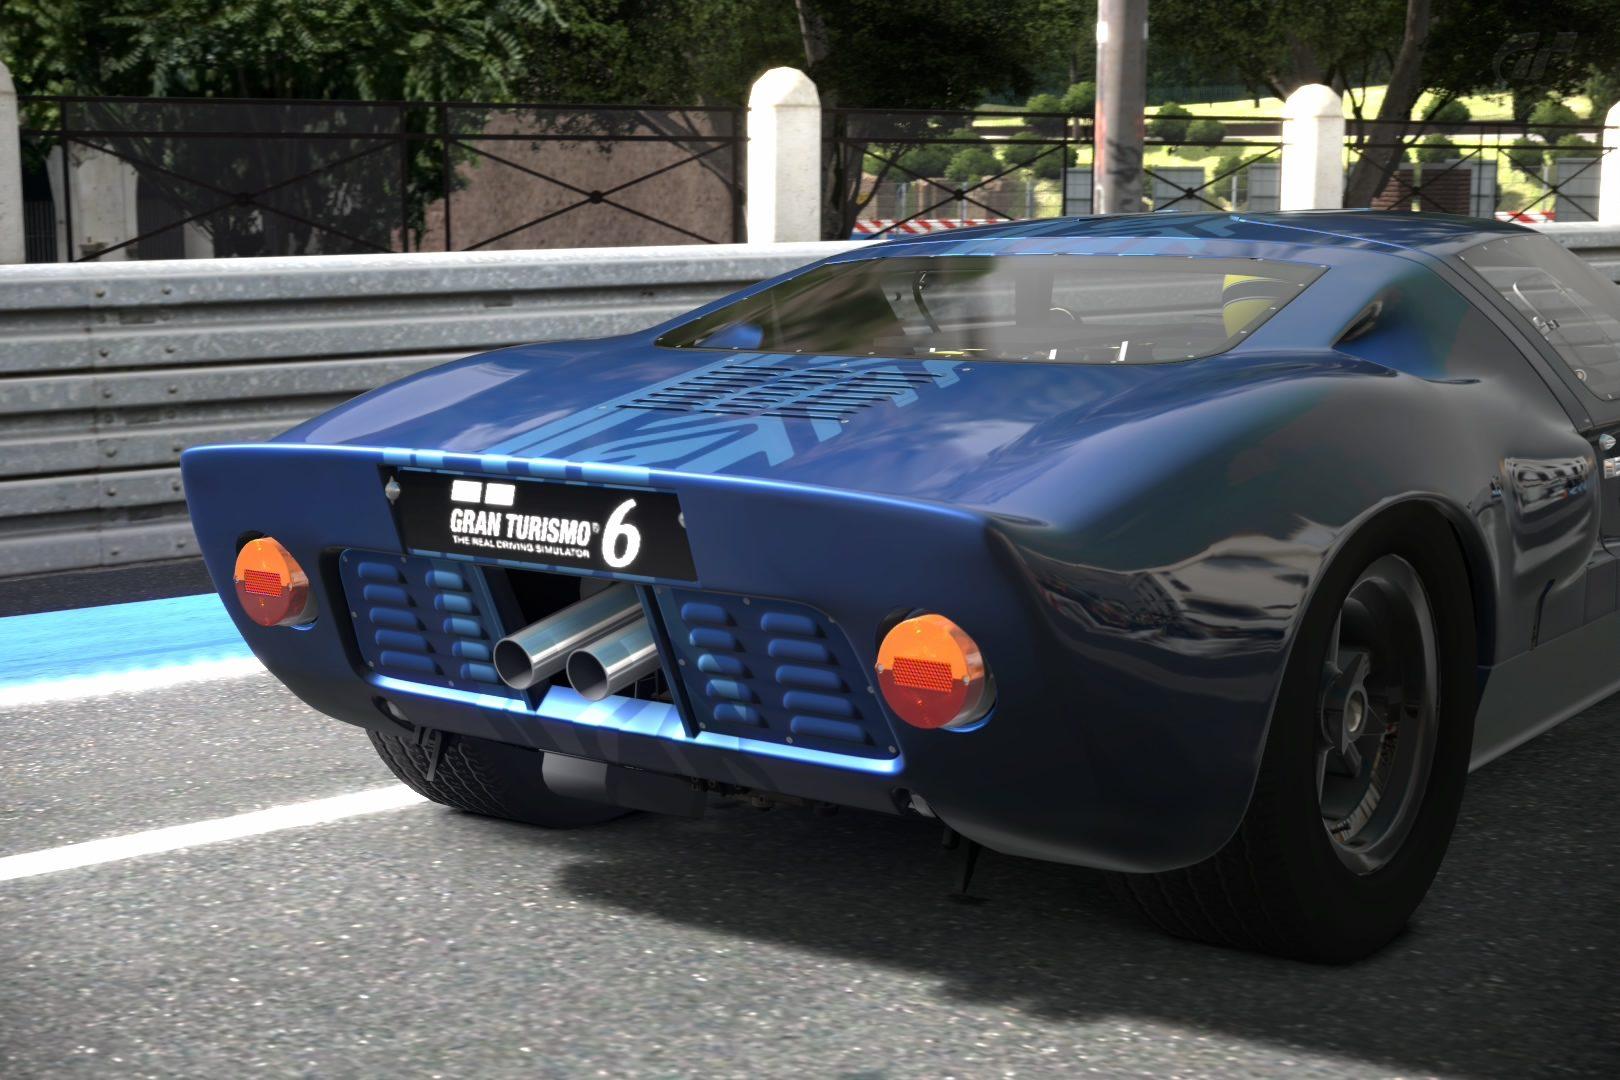 FordGT40AEImg1.jpg